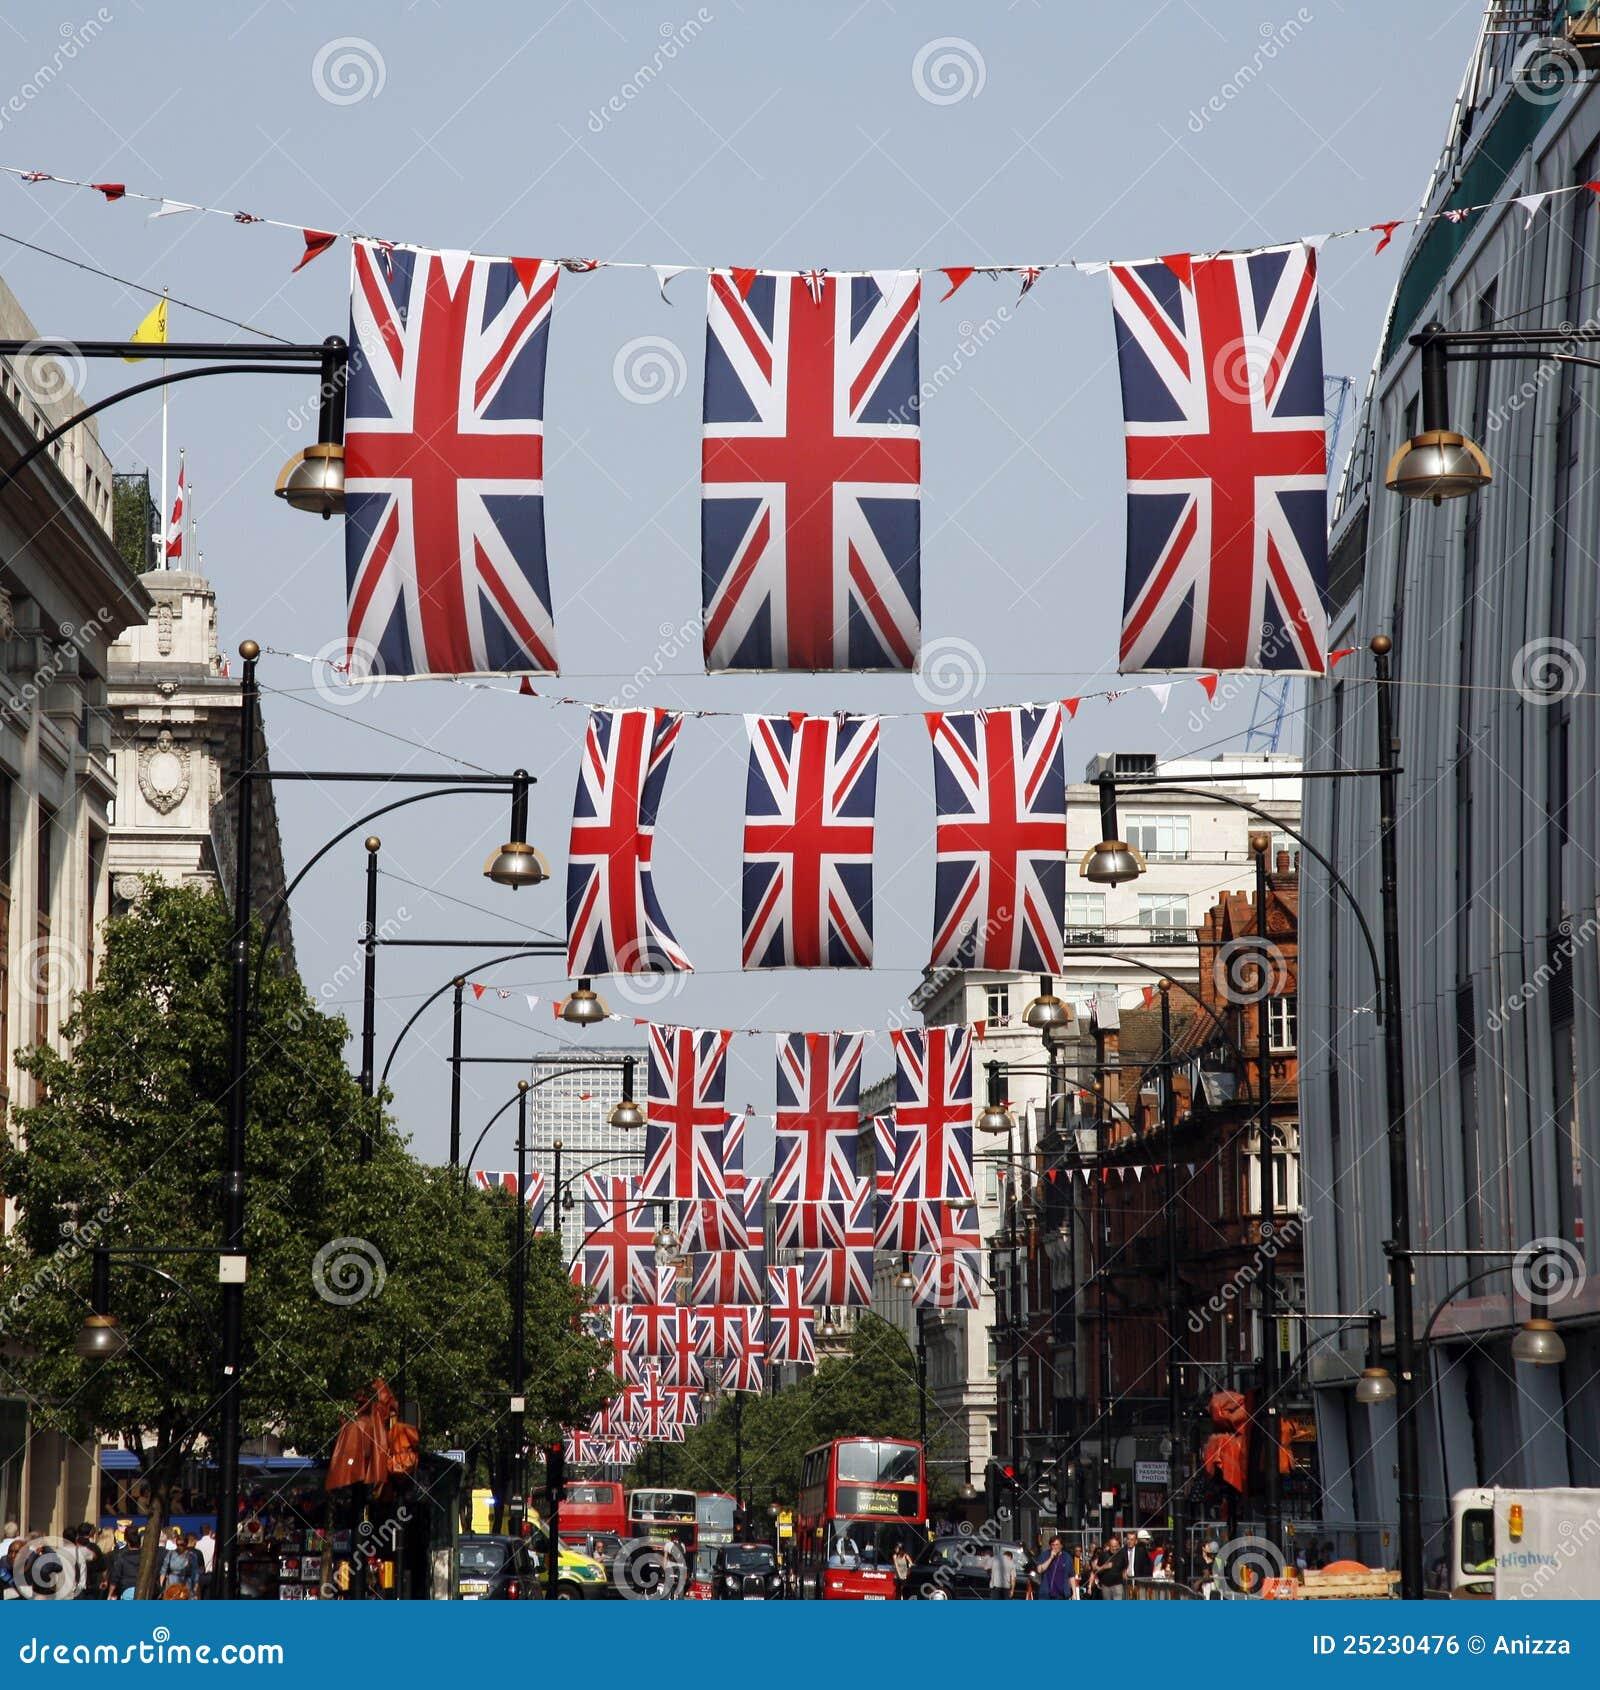 Dekoraci diamentowego jubileuszu Oxford królowej s ulica